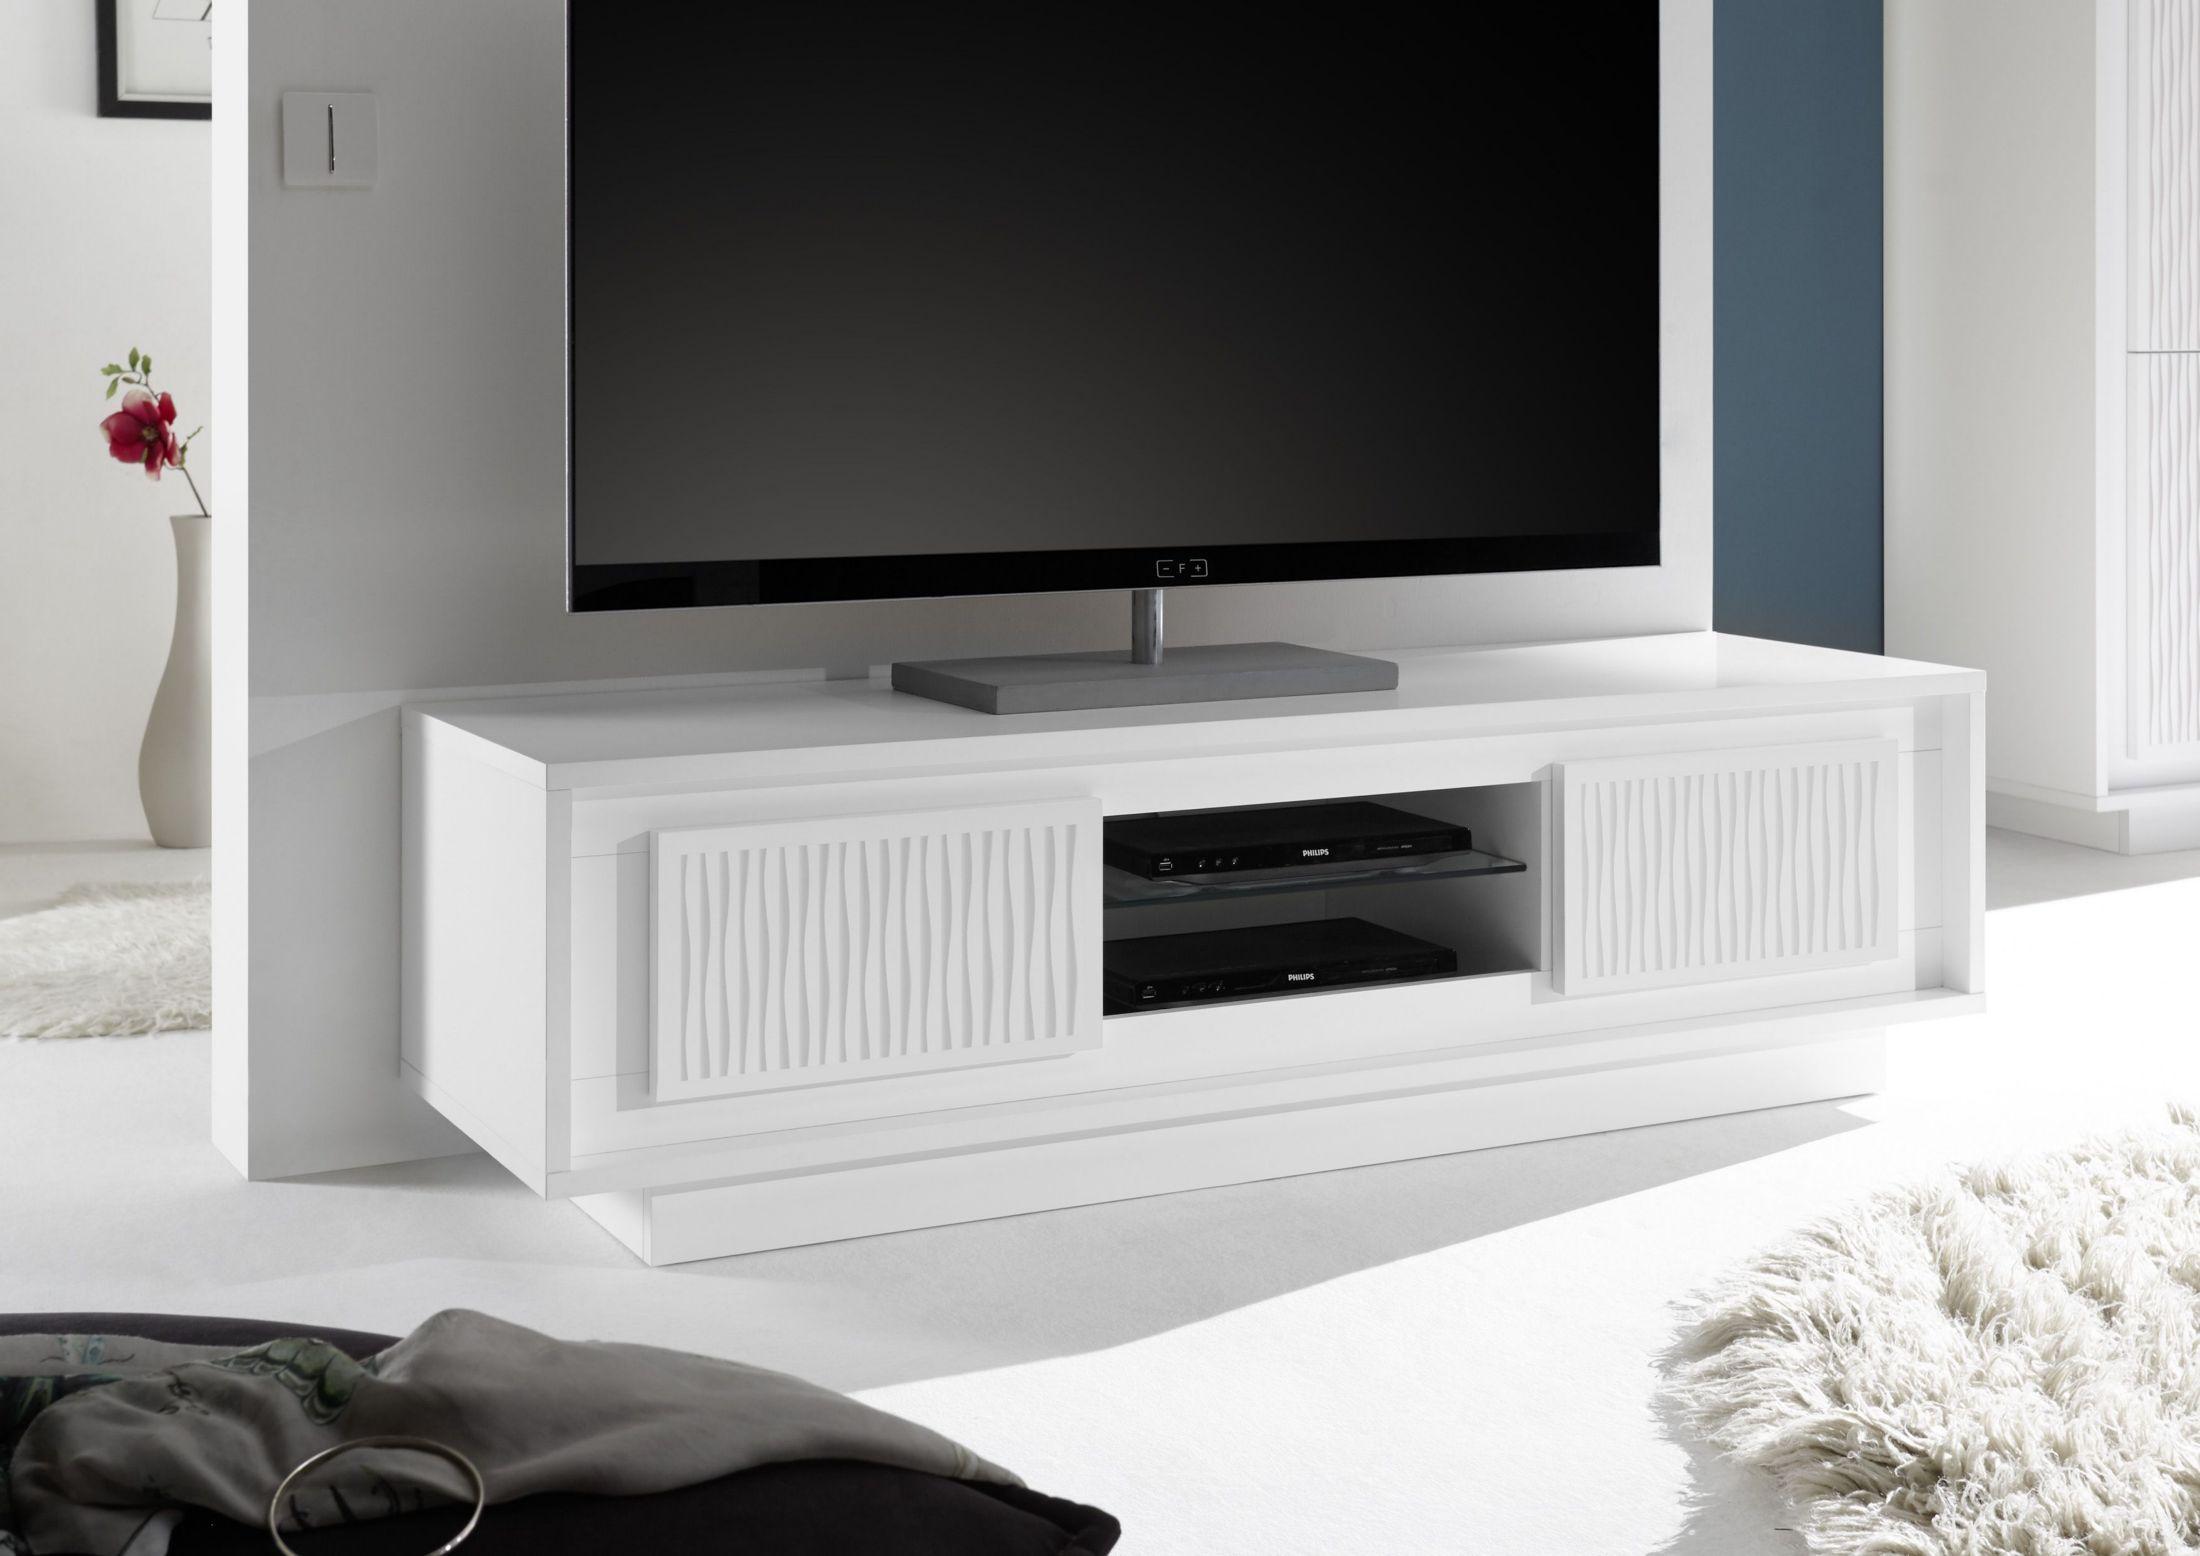 wohnzimmer modern tv : Tv Unterteil Weiss Woody 12 01146 Holz Modern Jetzt Bestellen